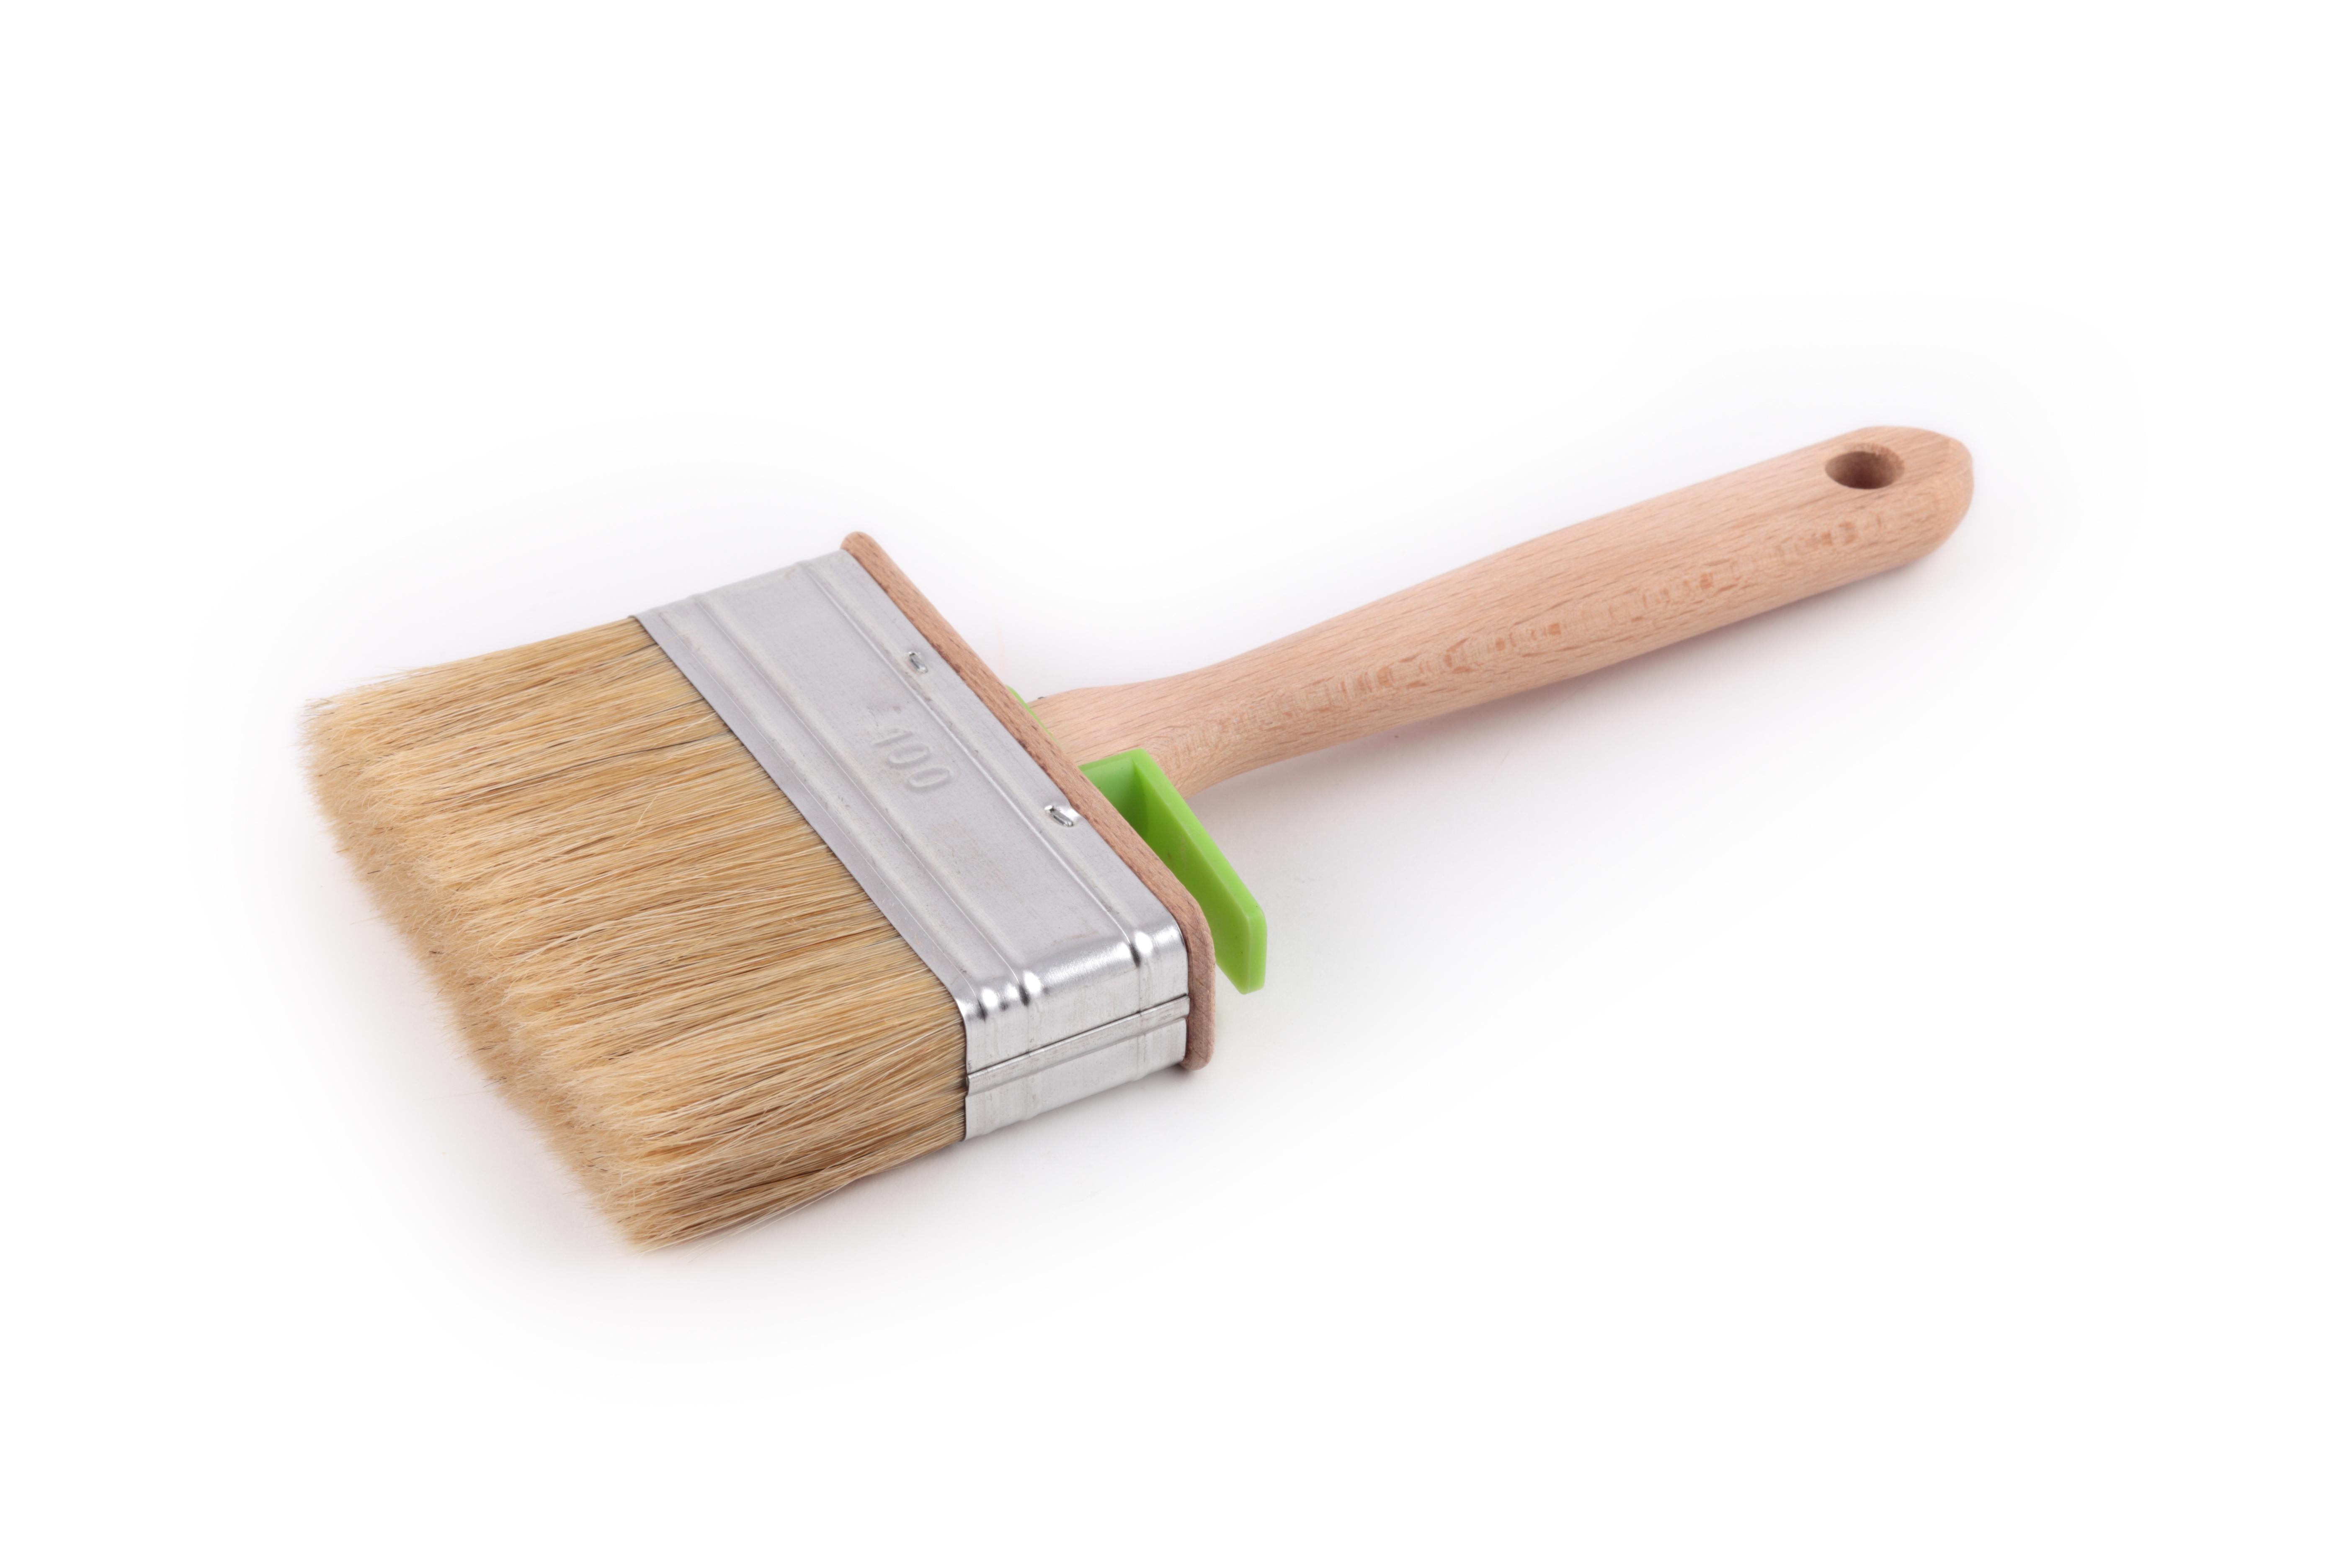 Кисть плоская ЛАЗУРНЫЙ БЕРЕГ 247100 кисть плоская 50 мм искусственная щетина orel деревянная ручка лазурный берег профи